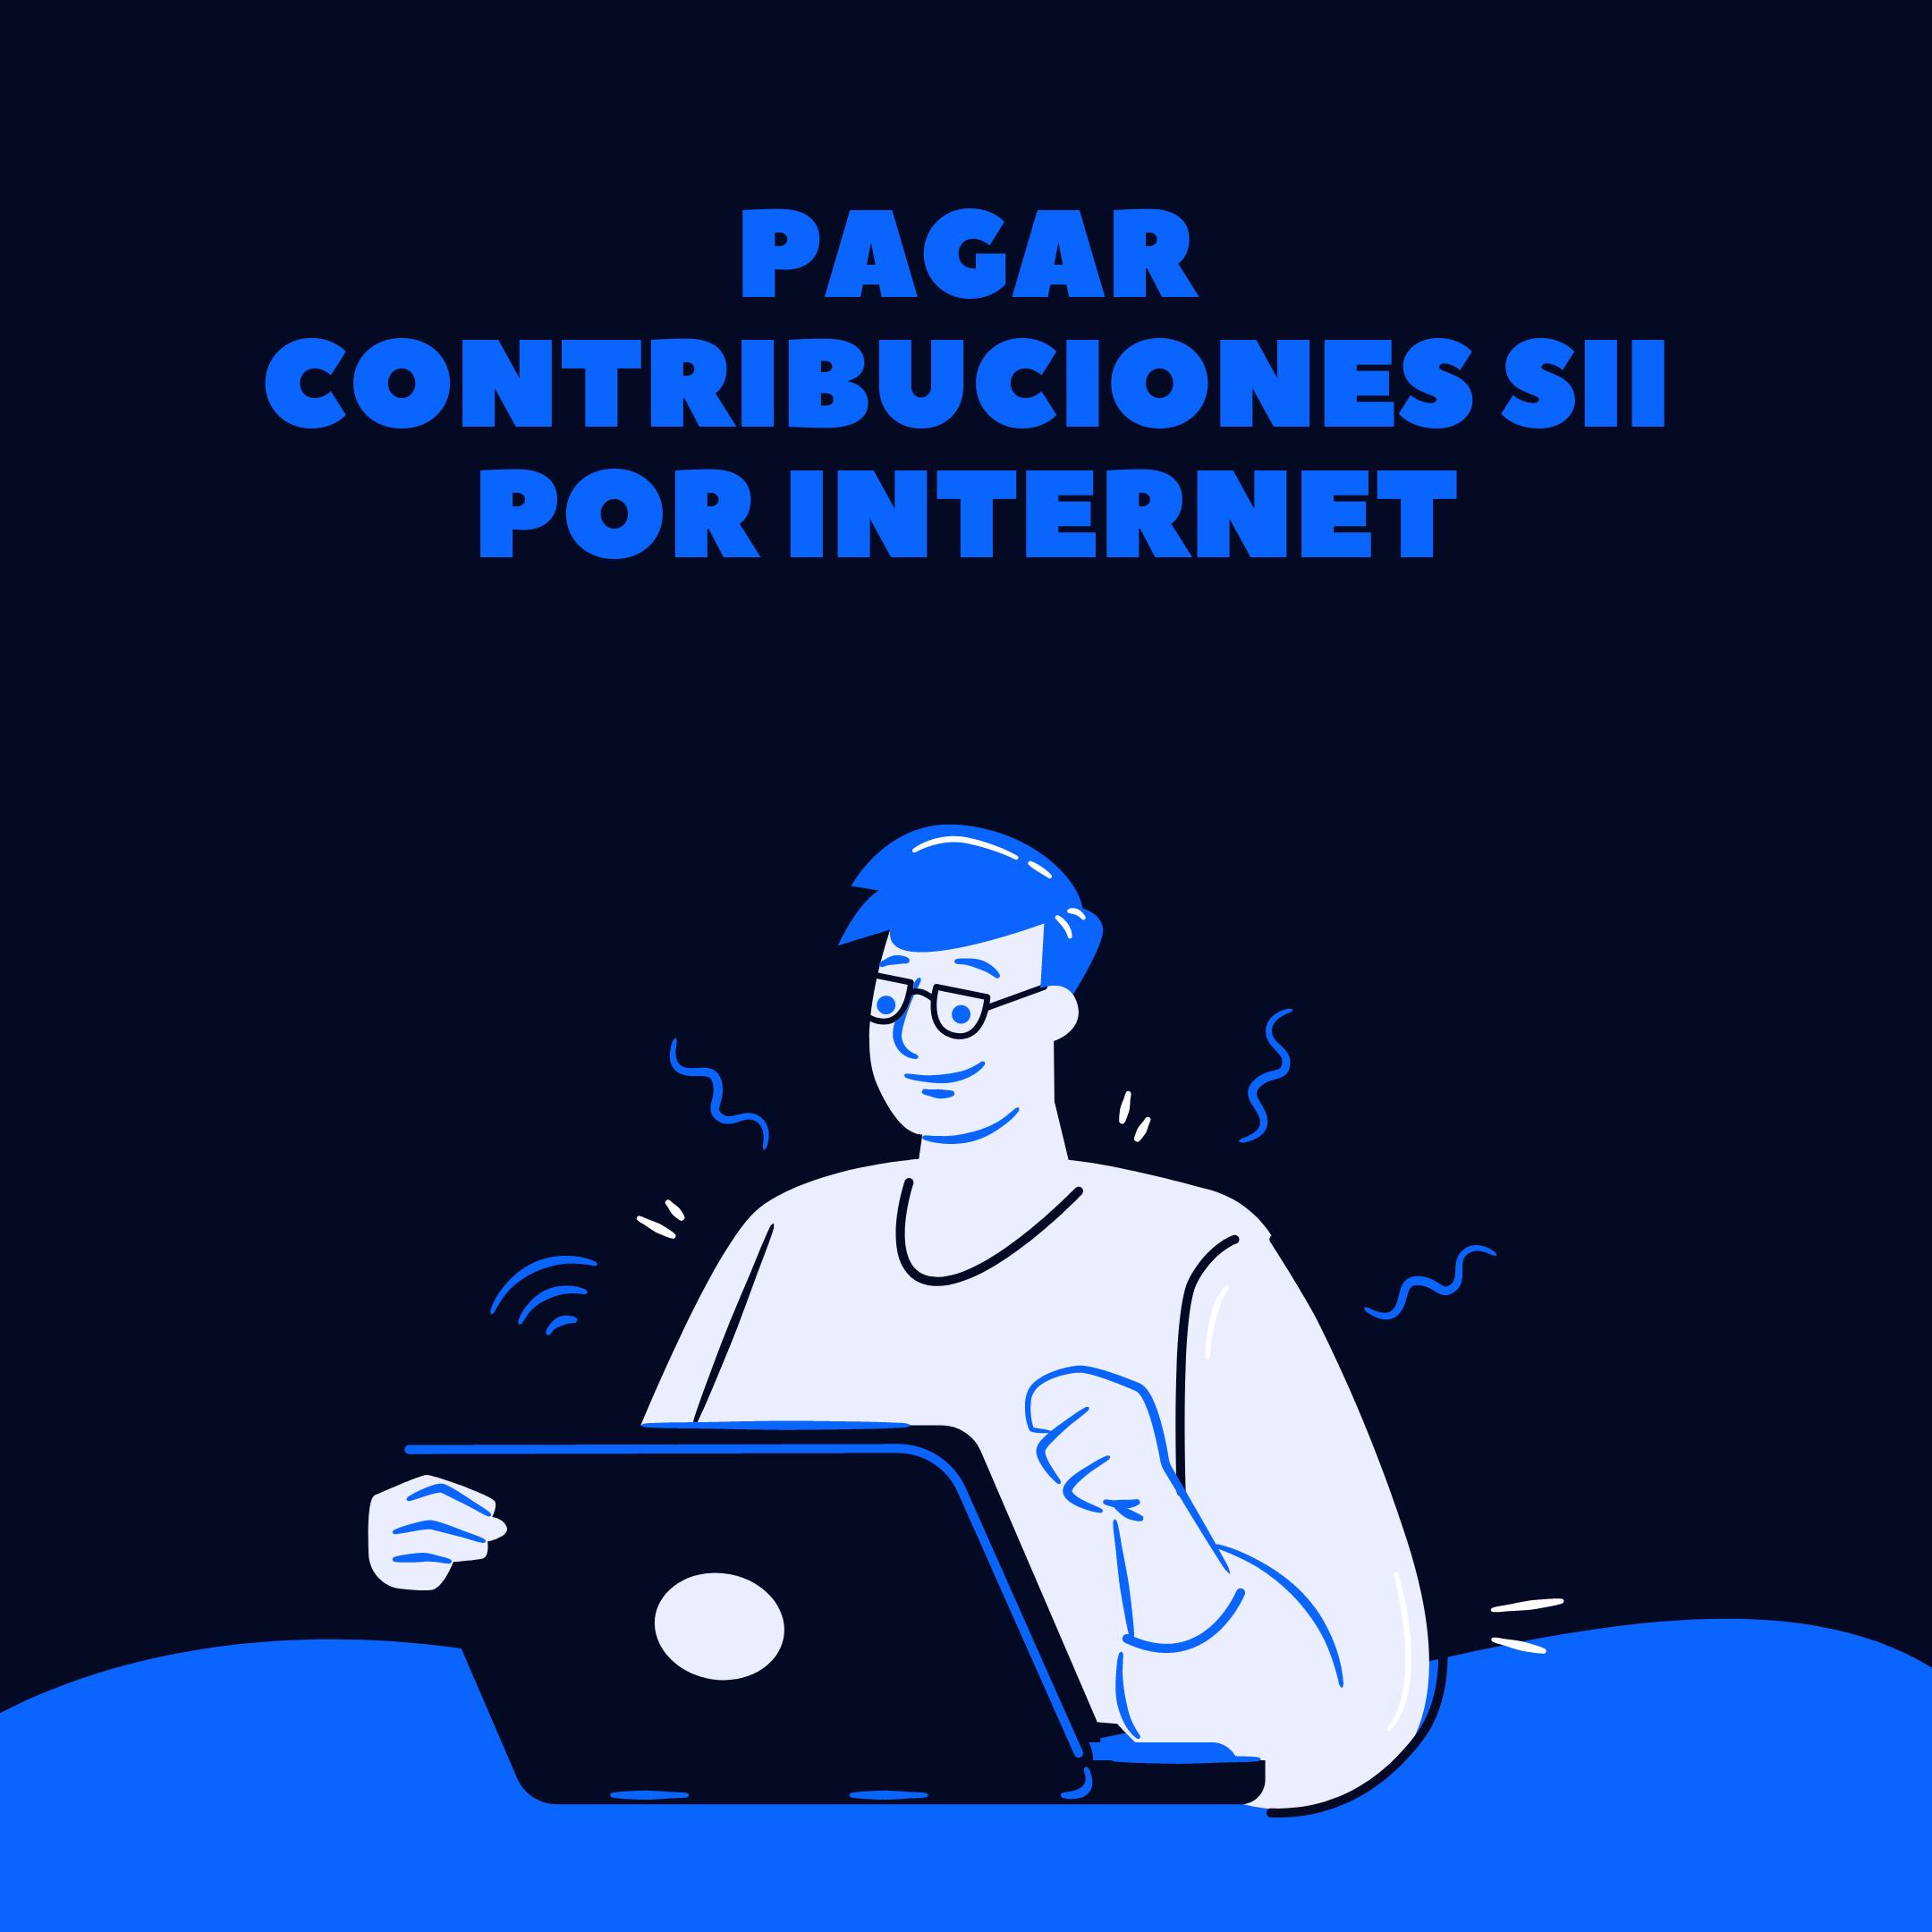 contribuciones SII